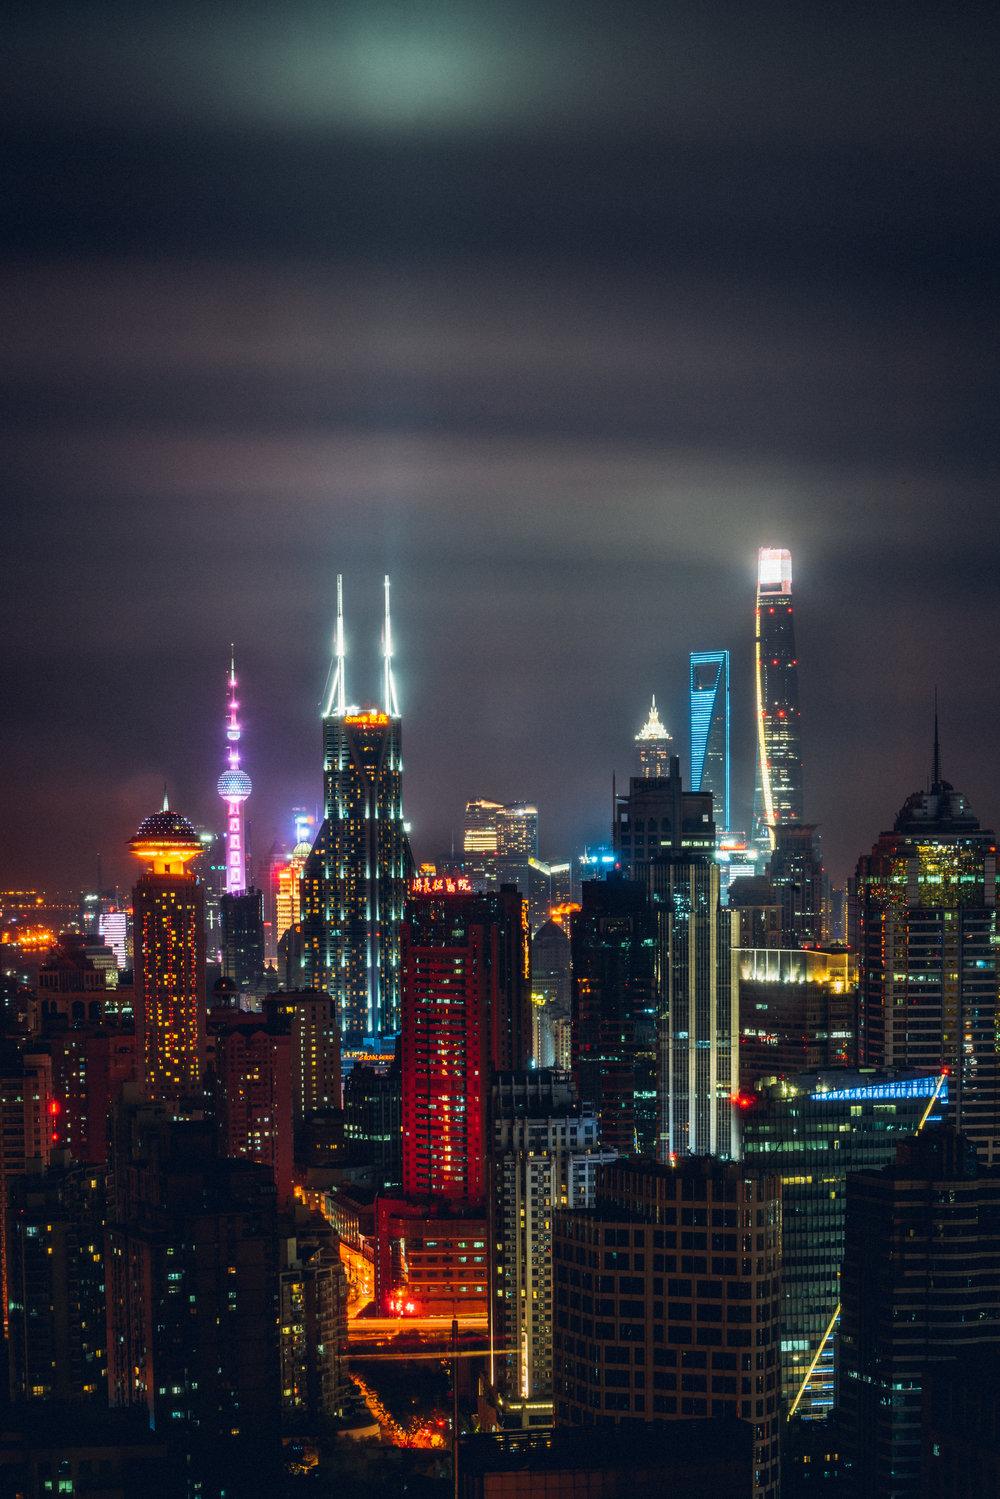 neon-sky.jpg